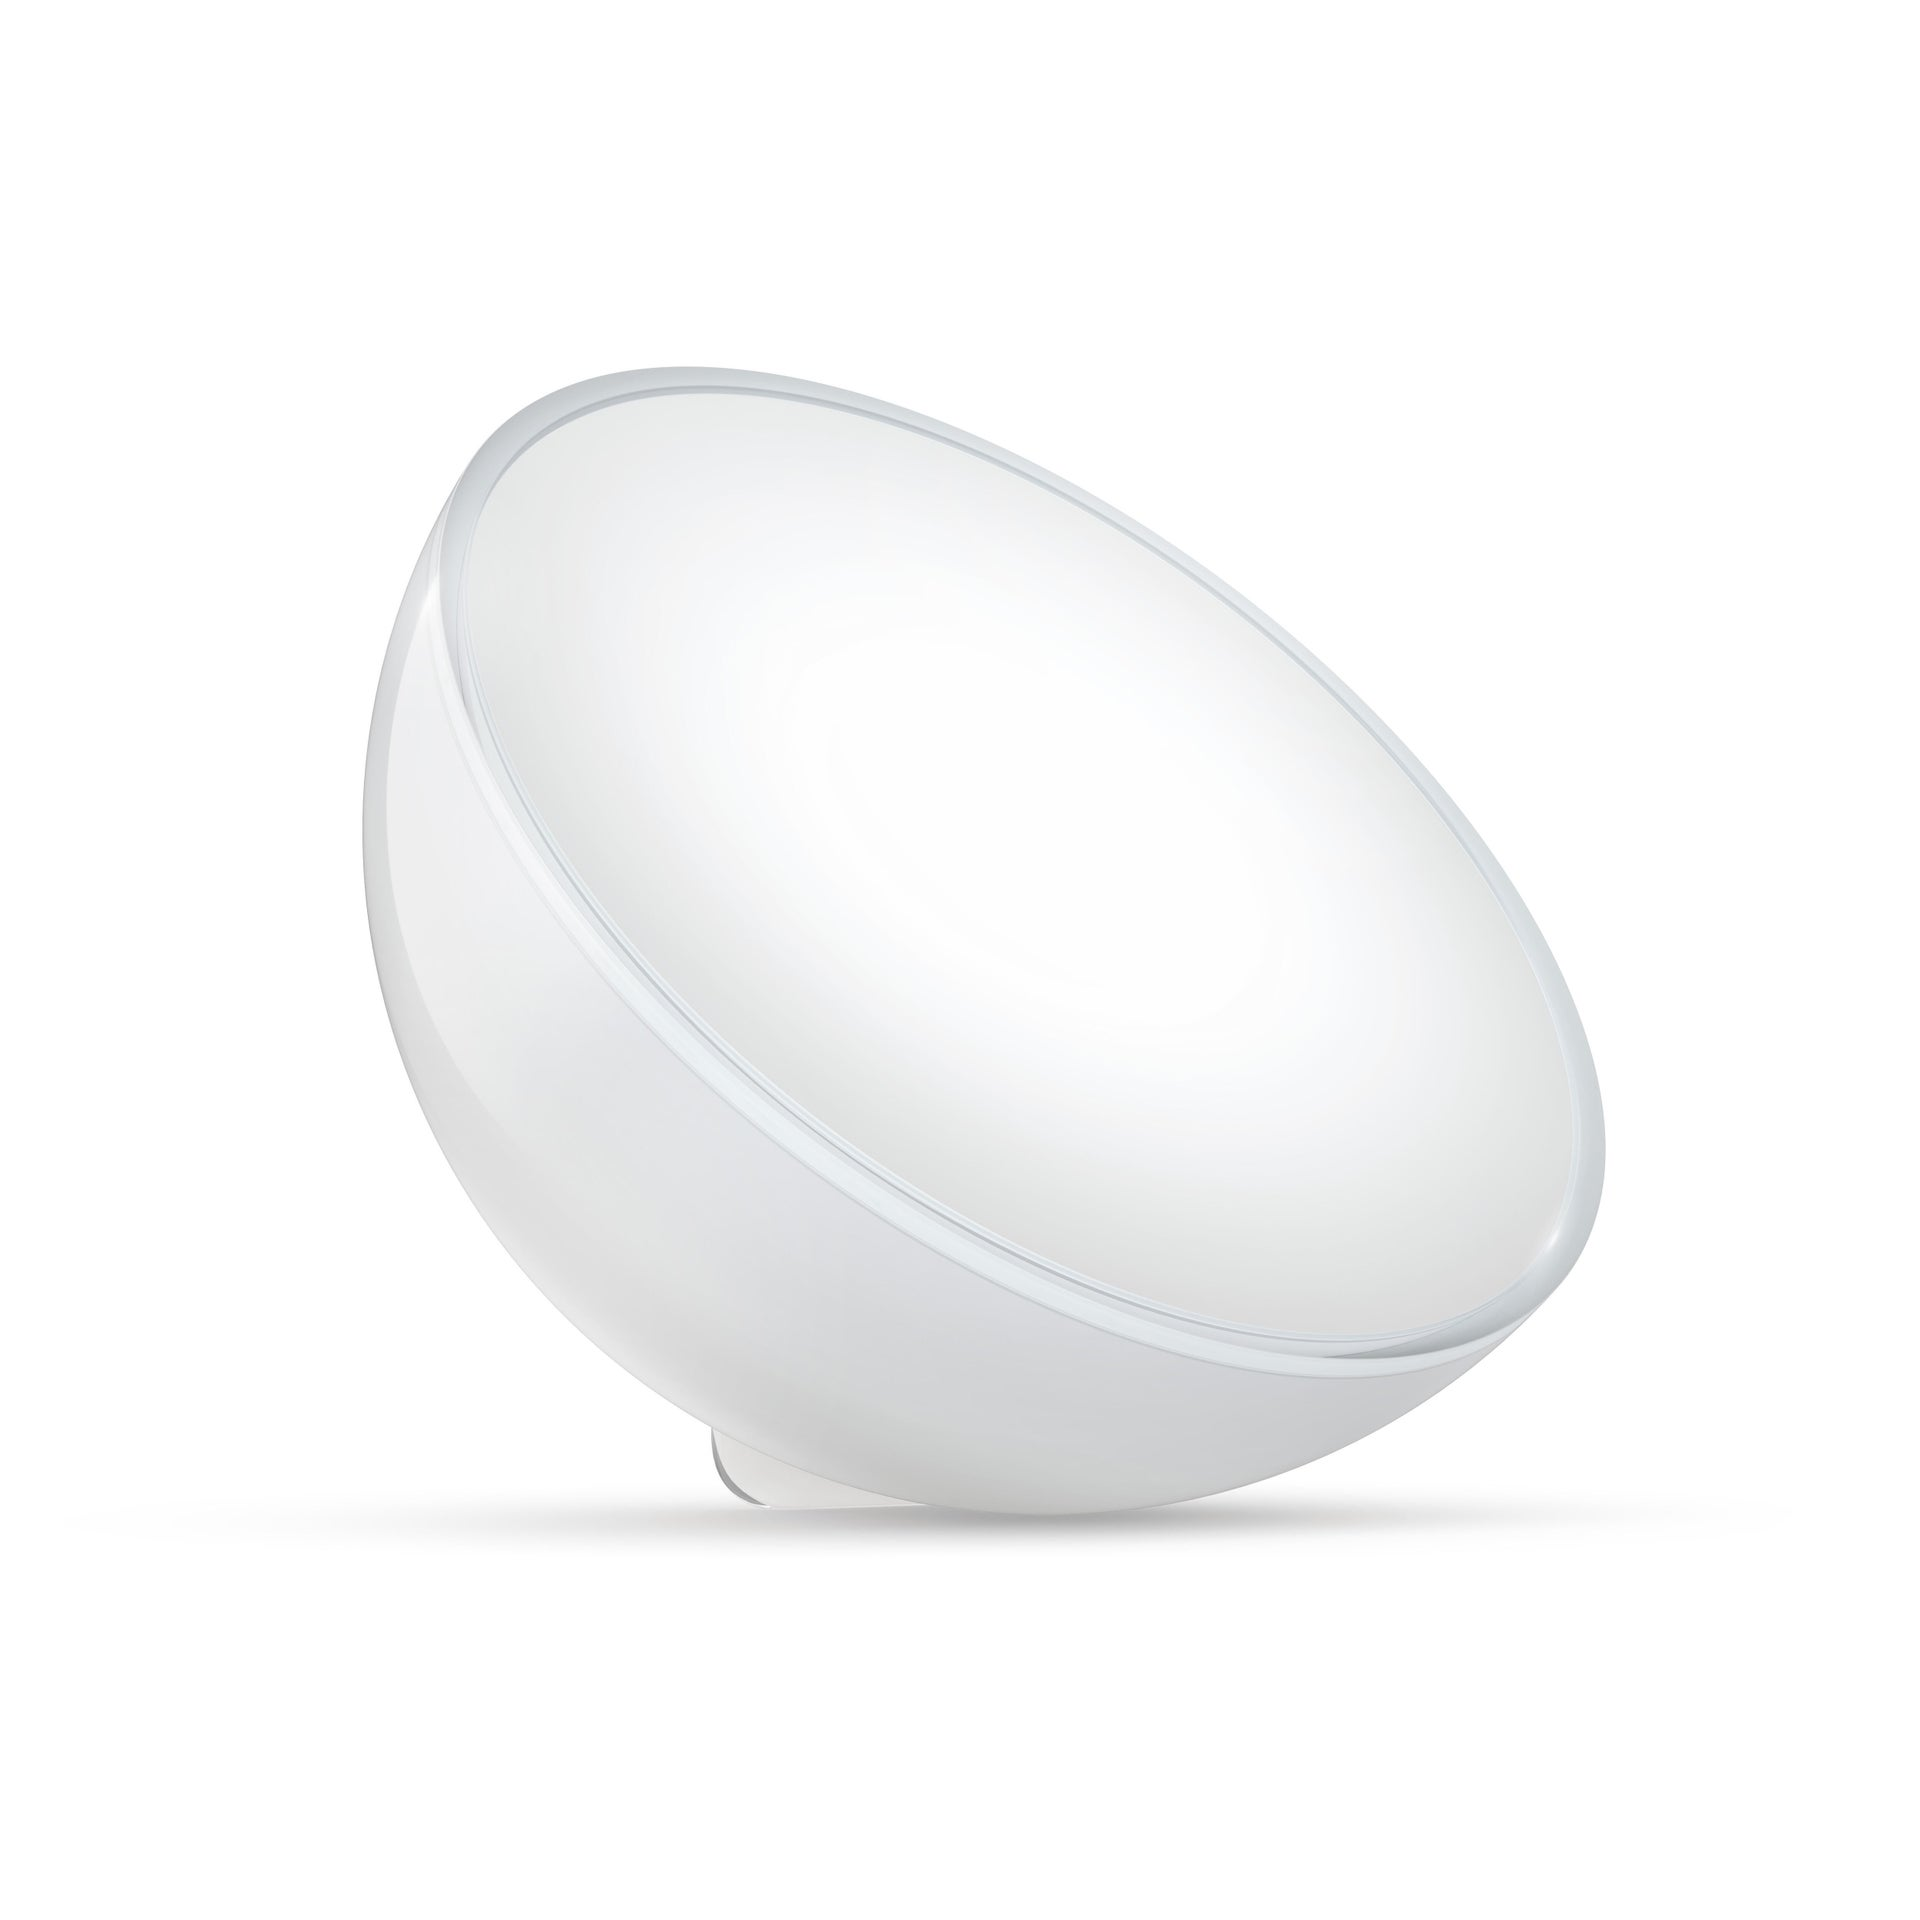 Lampada da tavolo Design portatile Go White and Color Ambiance bianco , PHILIPS HUE - 10